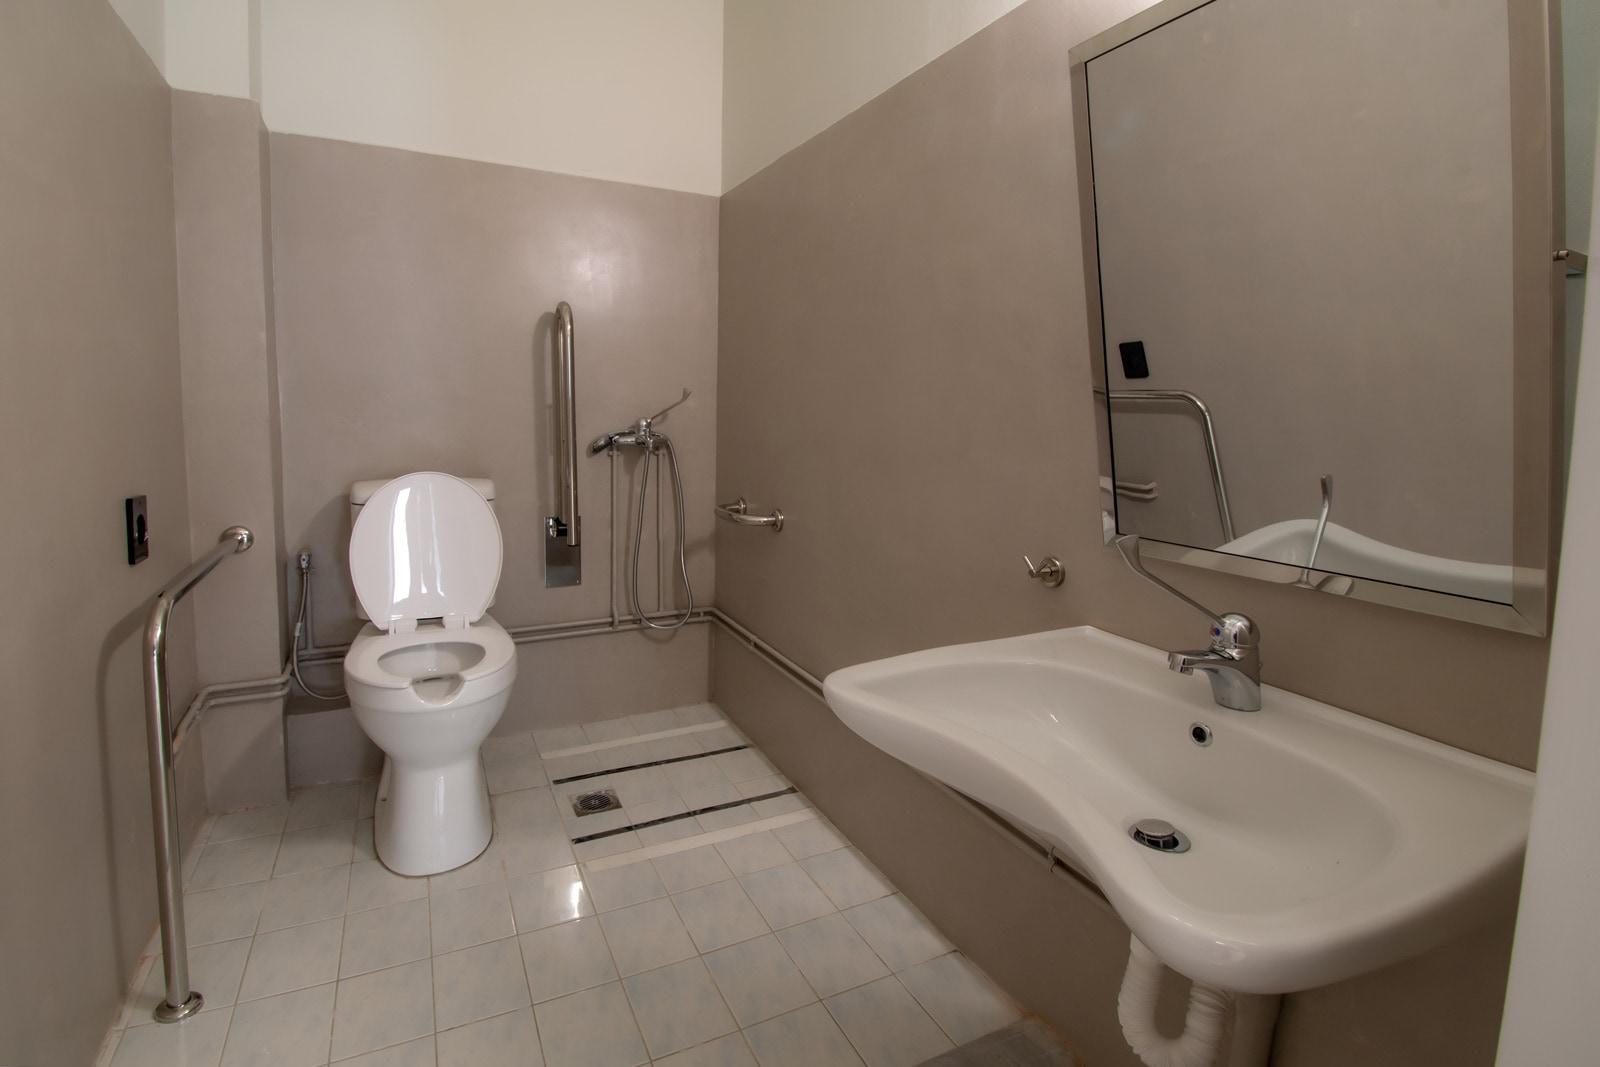 Μονάδα Φροντίδας Ηλικιωμένων Ίριδα Παγκράτι τουαλέτα